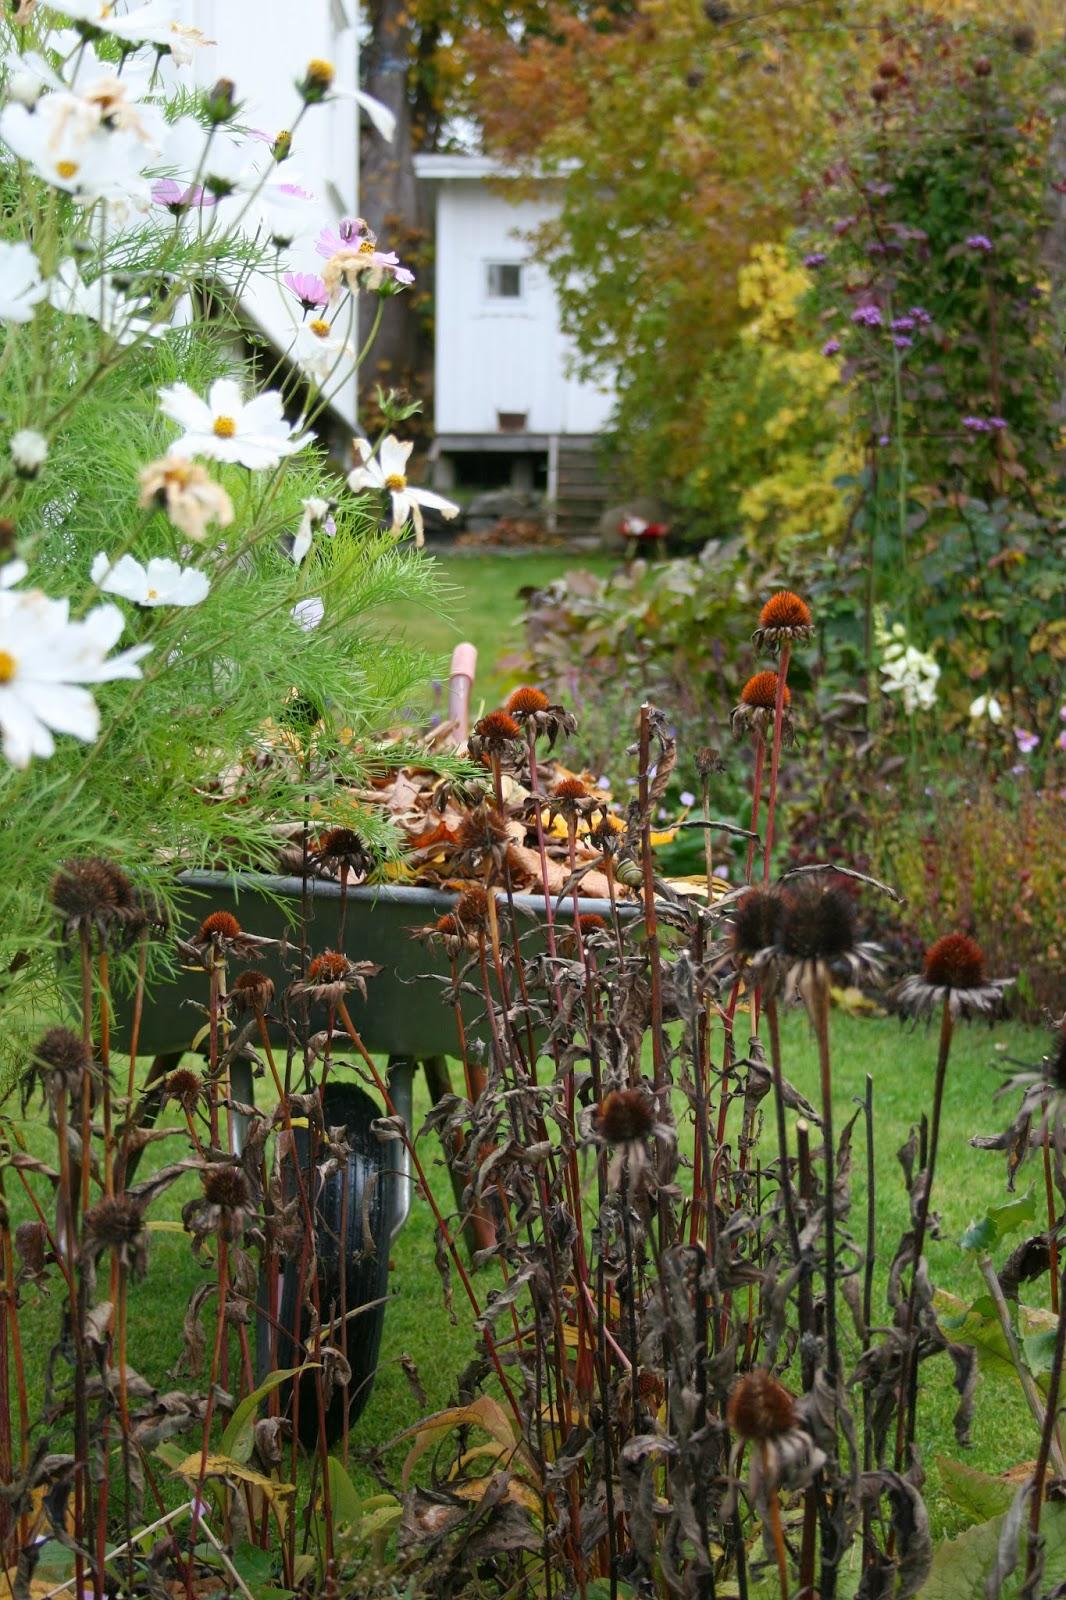 vintertäcka ömtåliga växter